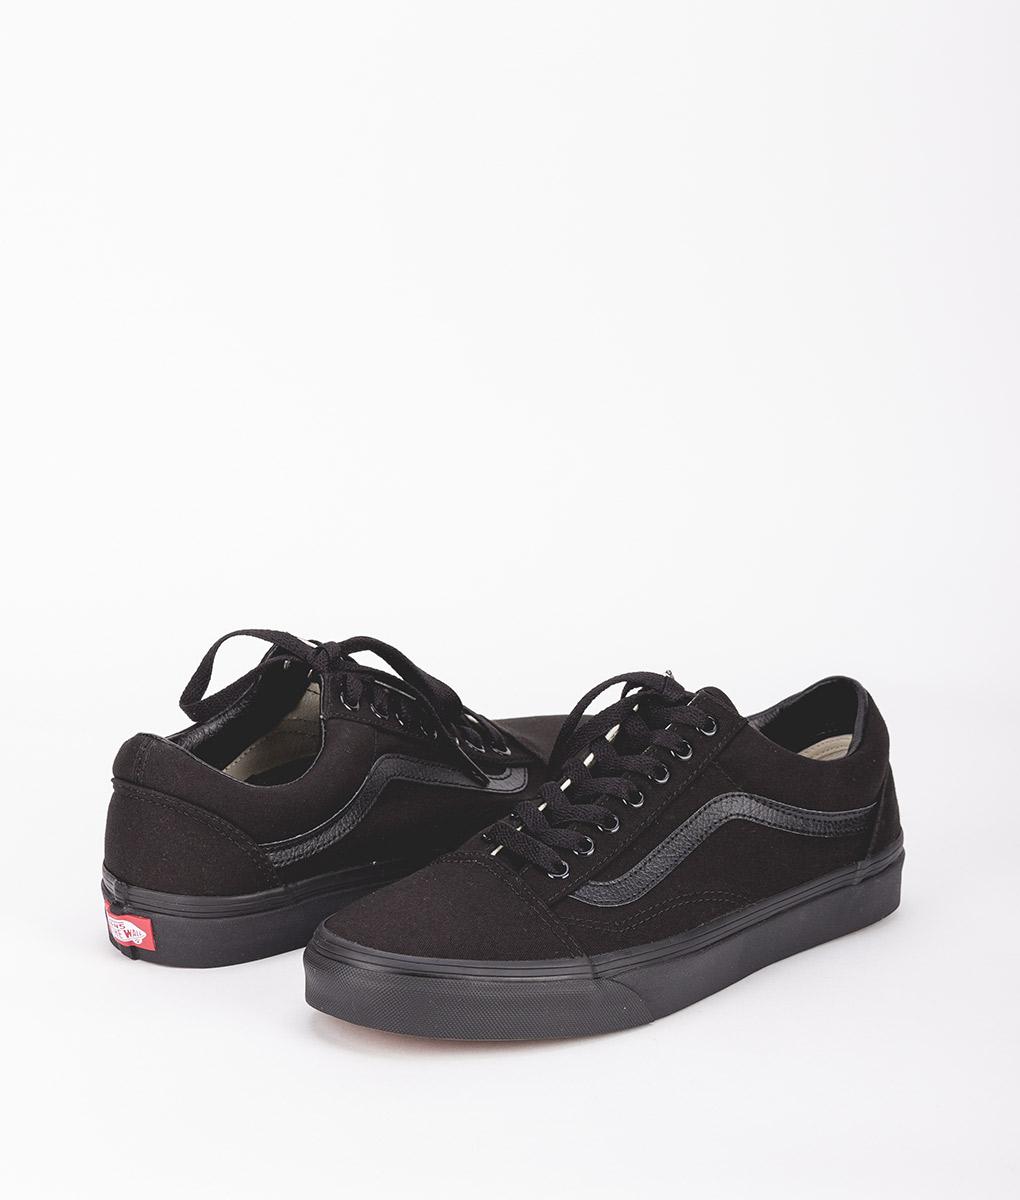 VANS Men Sneakers VD3HBKA OLD SKOOL, Black Black 79.99